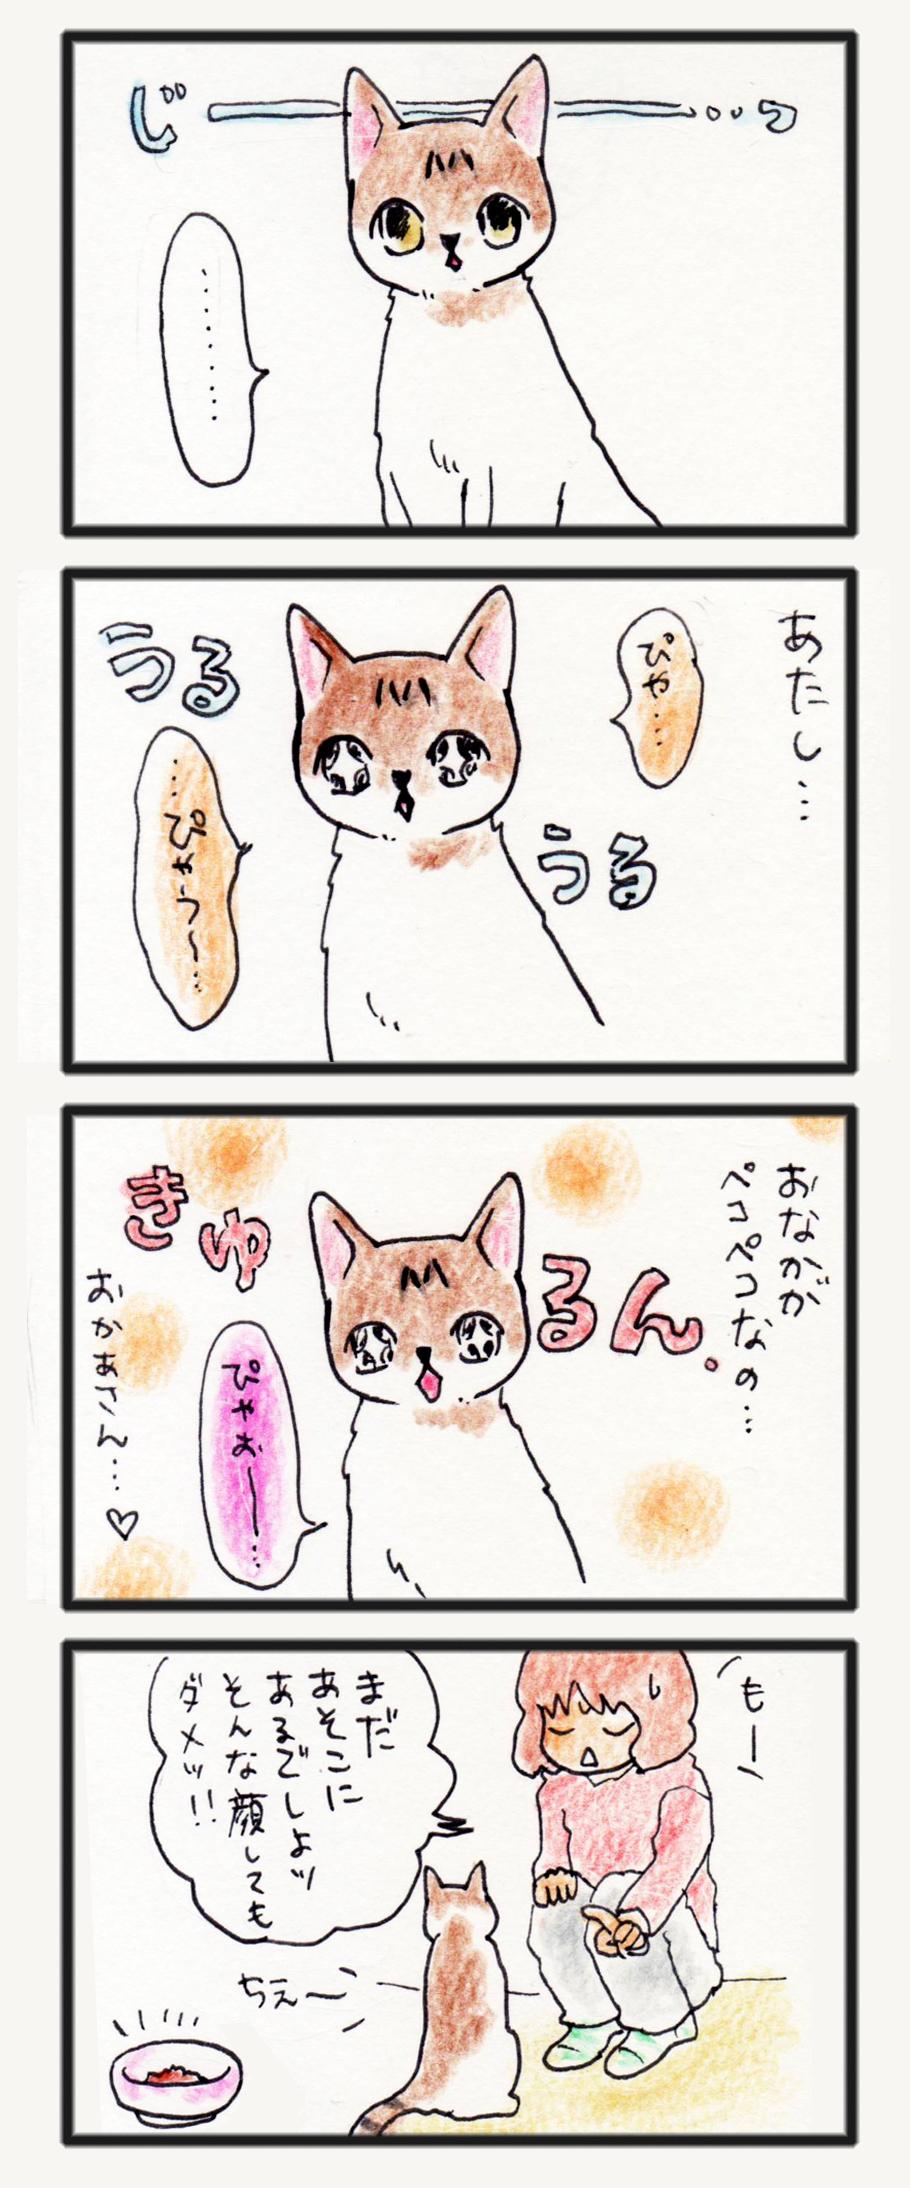 comic_4c_14051501.jpg